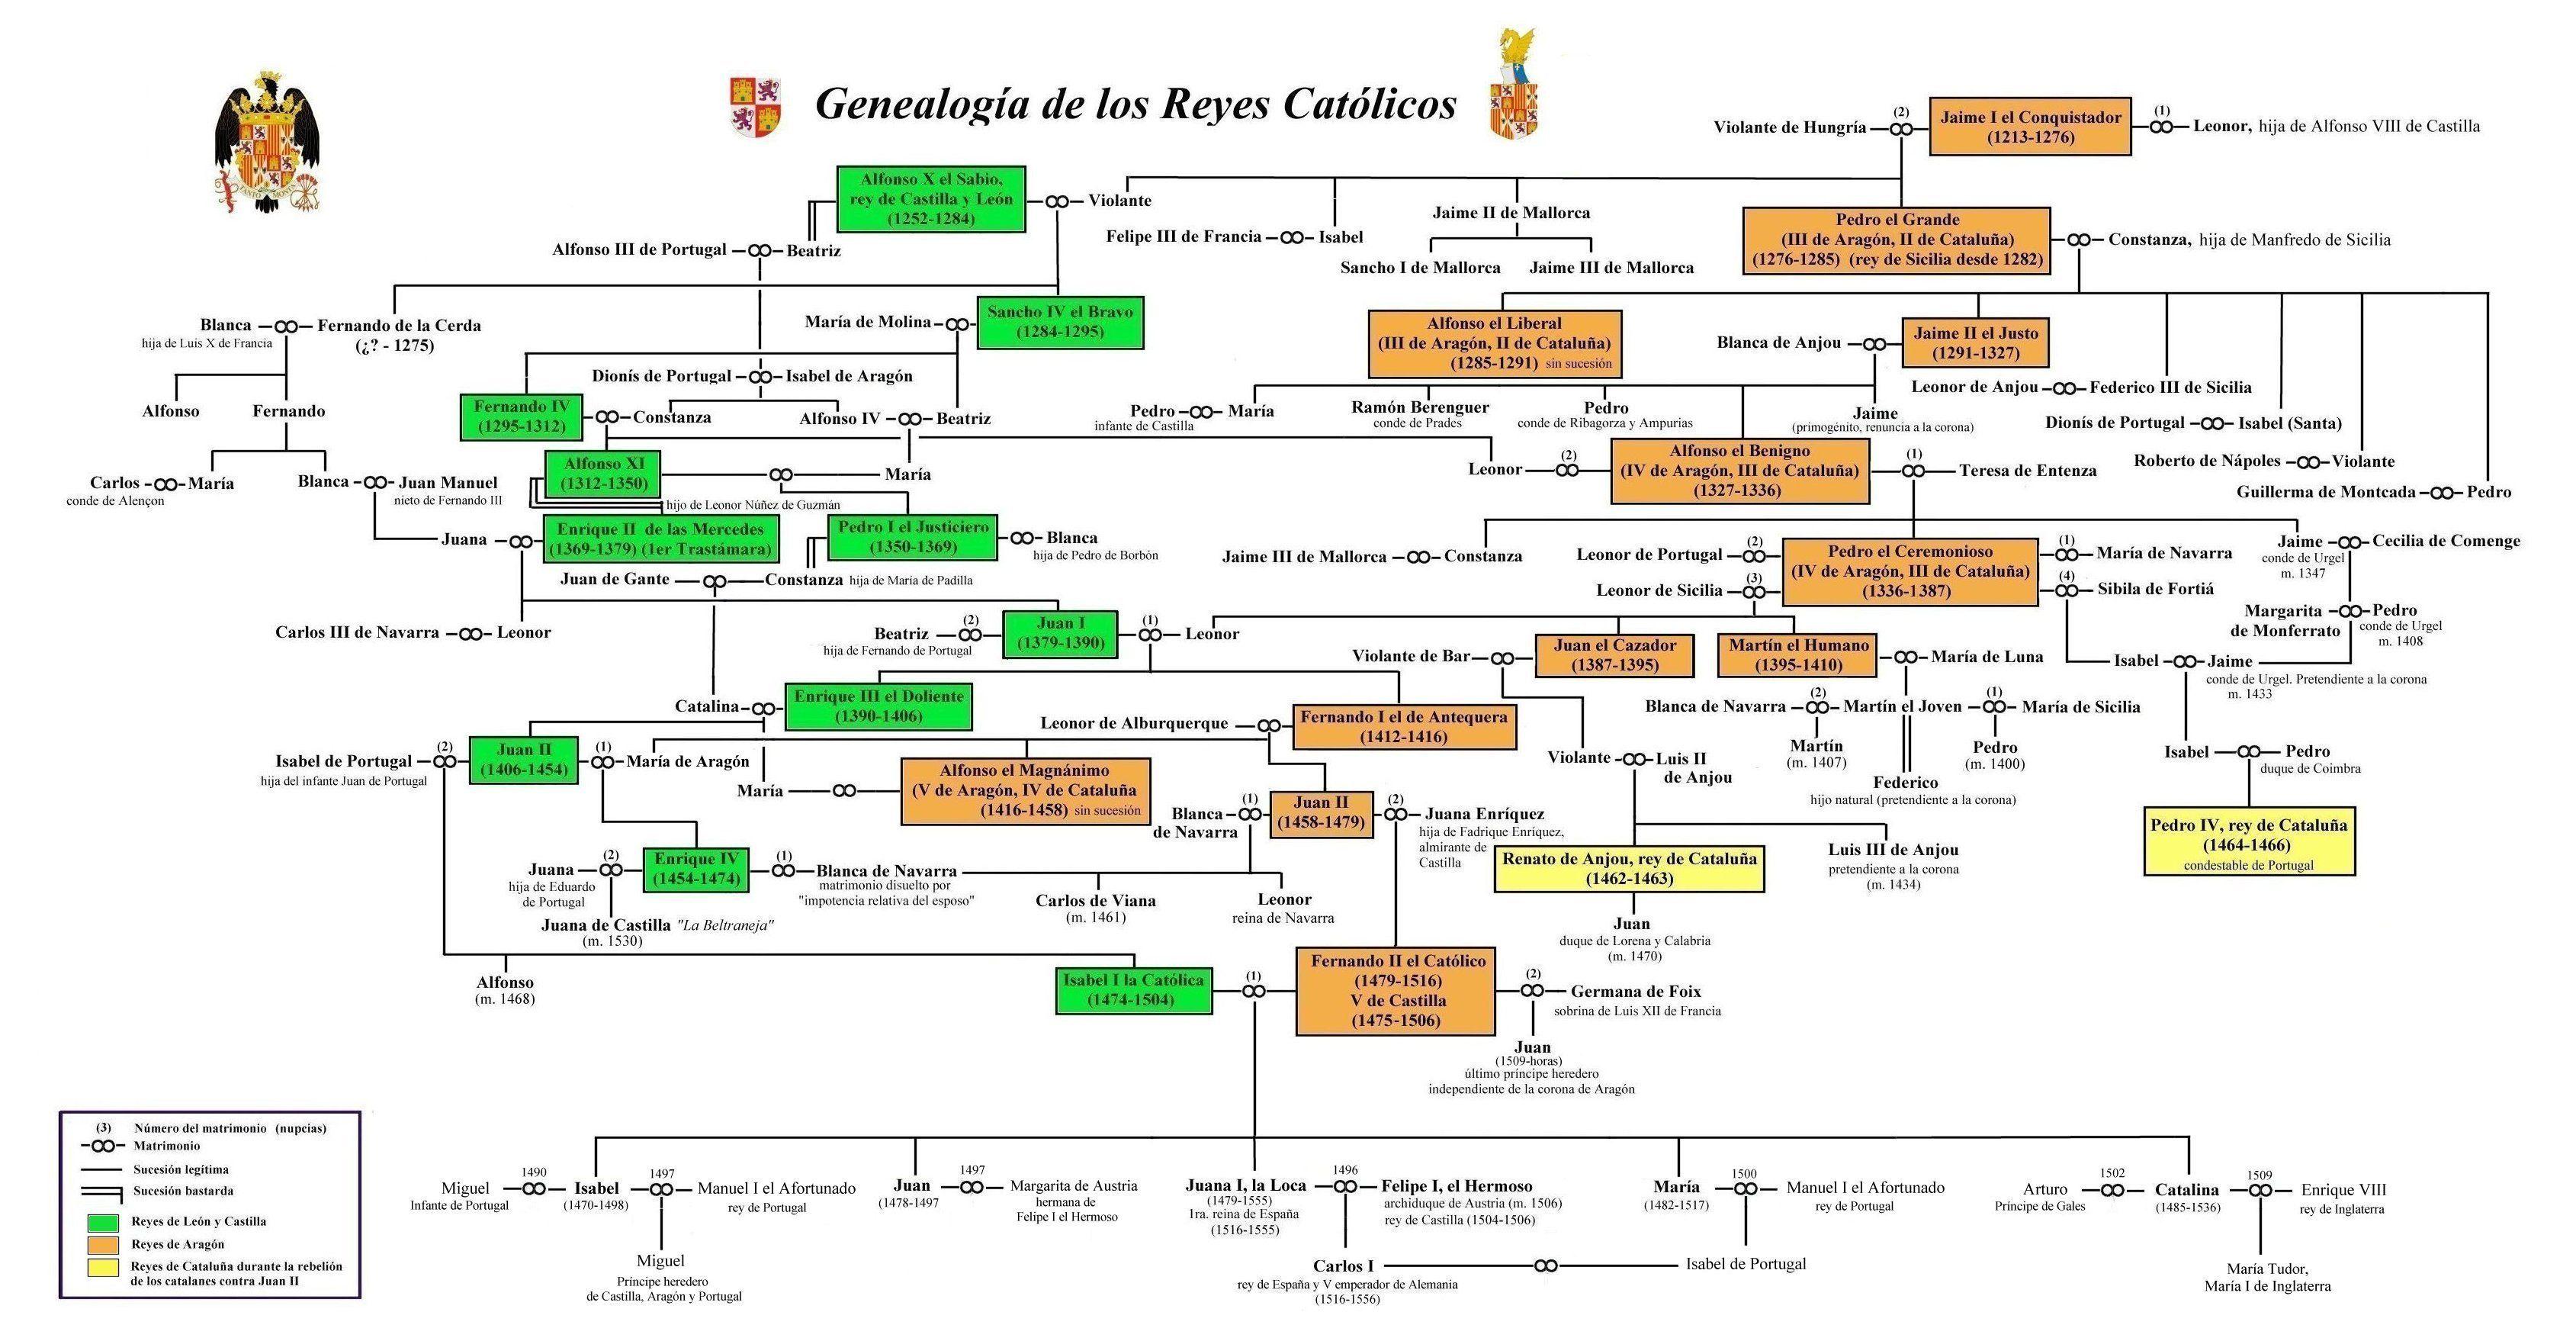 Arbol_Genealogico_de_los_Reyes_Catolicos.jpg 3,378×1,758 pixels